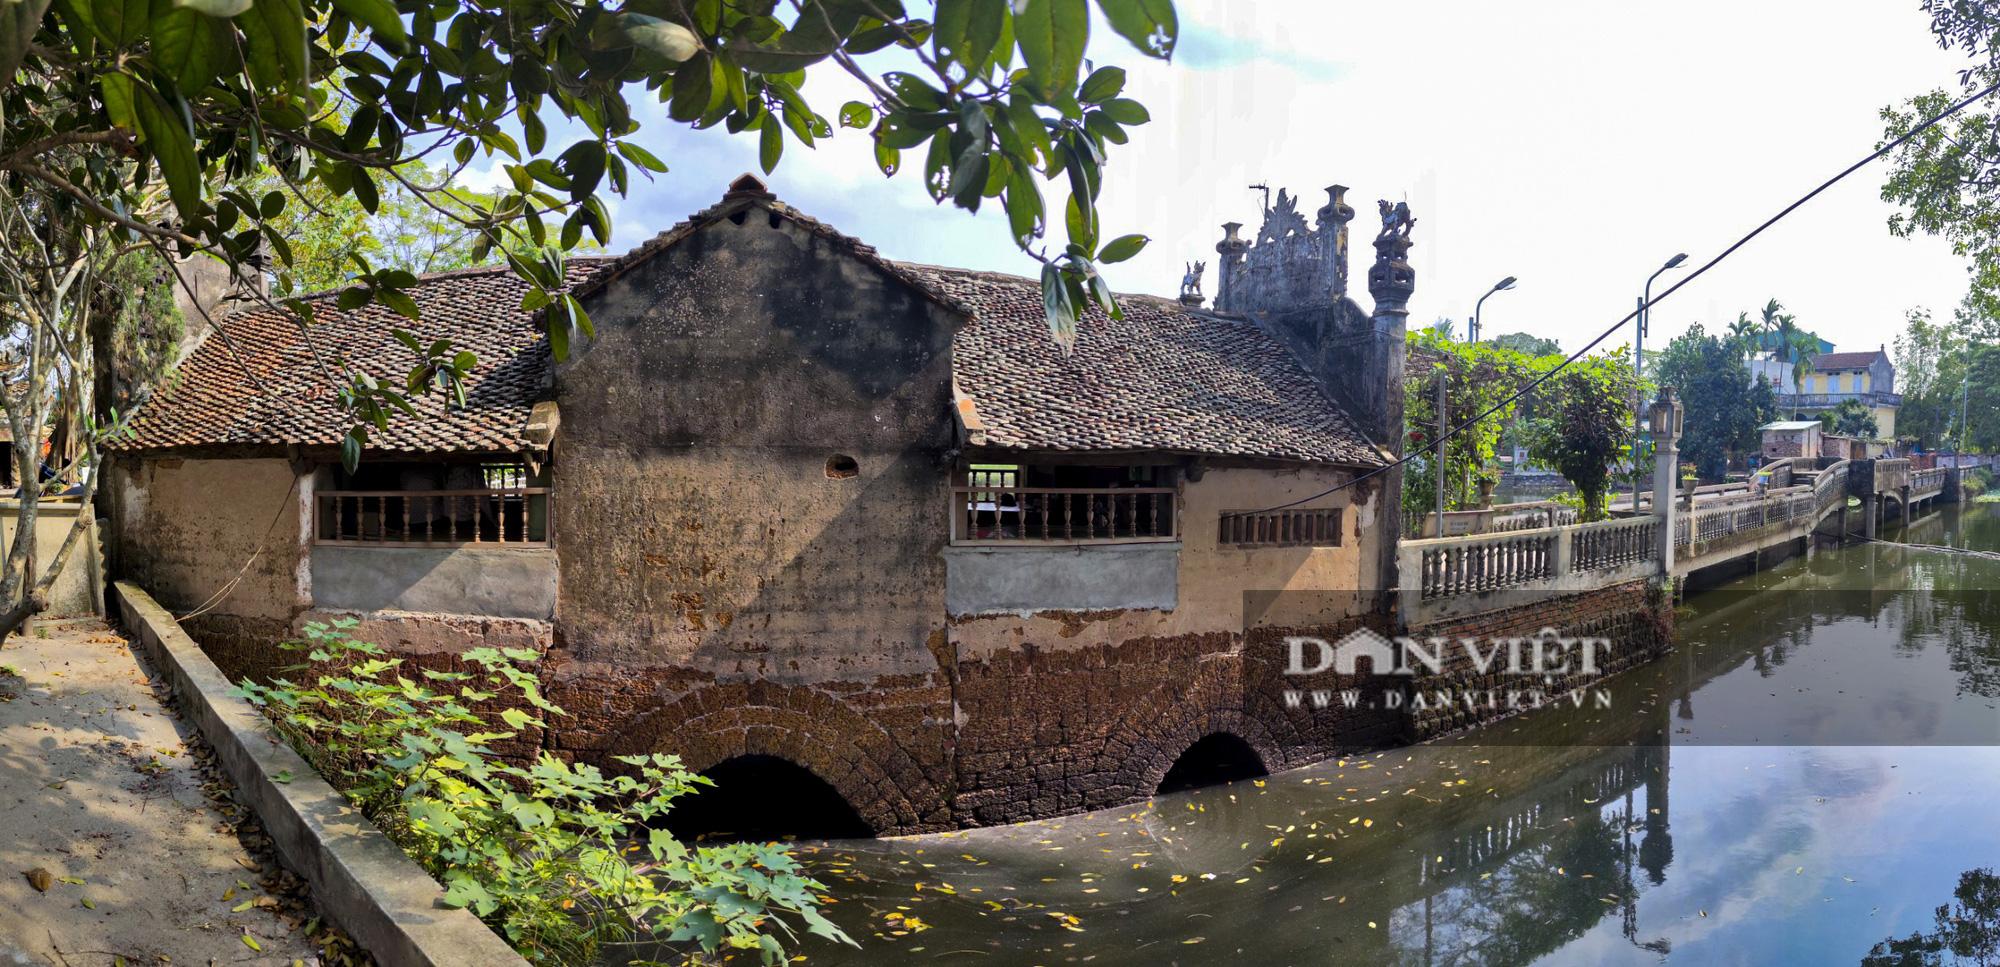 Cận cảnh cây cầu có hình dáng thuyền nan úp ngược độc nhất vô nhị ở Hà Nội - Ảnh 11.